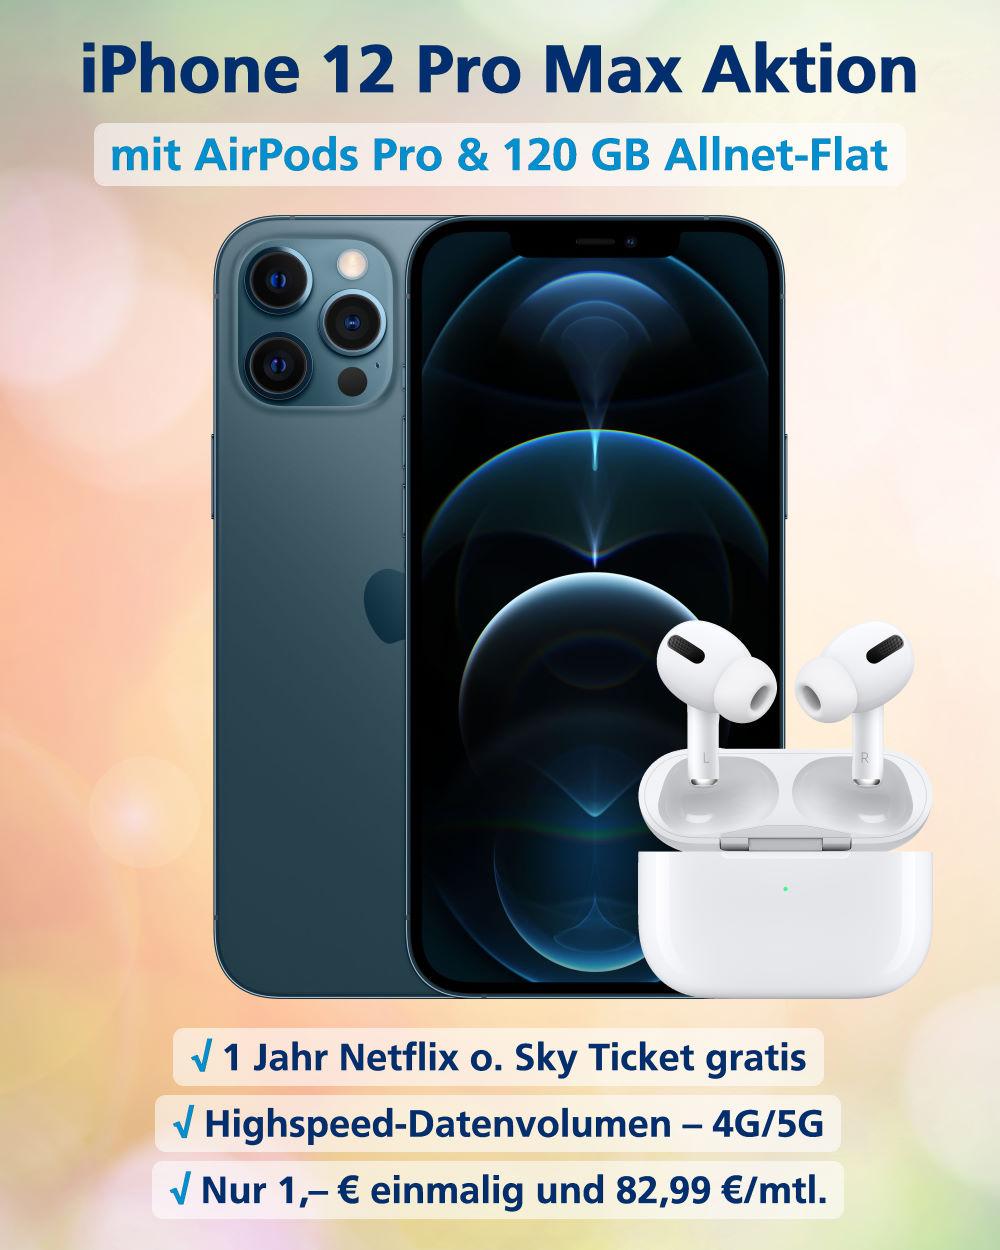 iPhone 12 Pro Max inkl. AirPods Pro und 120 GB Allnet-Flat zum Top-Preis - Handy-Tarifvergleich